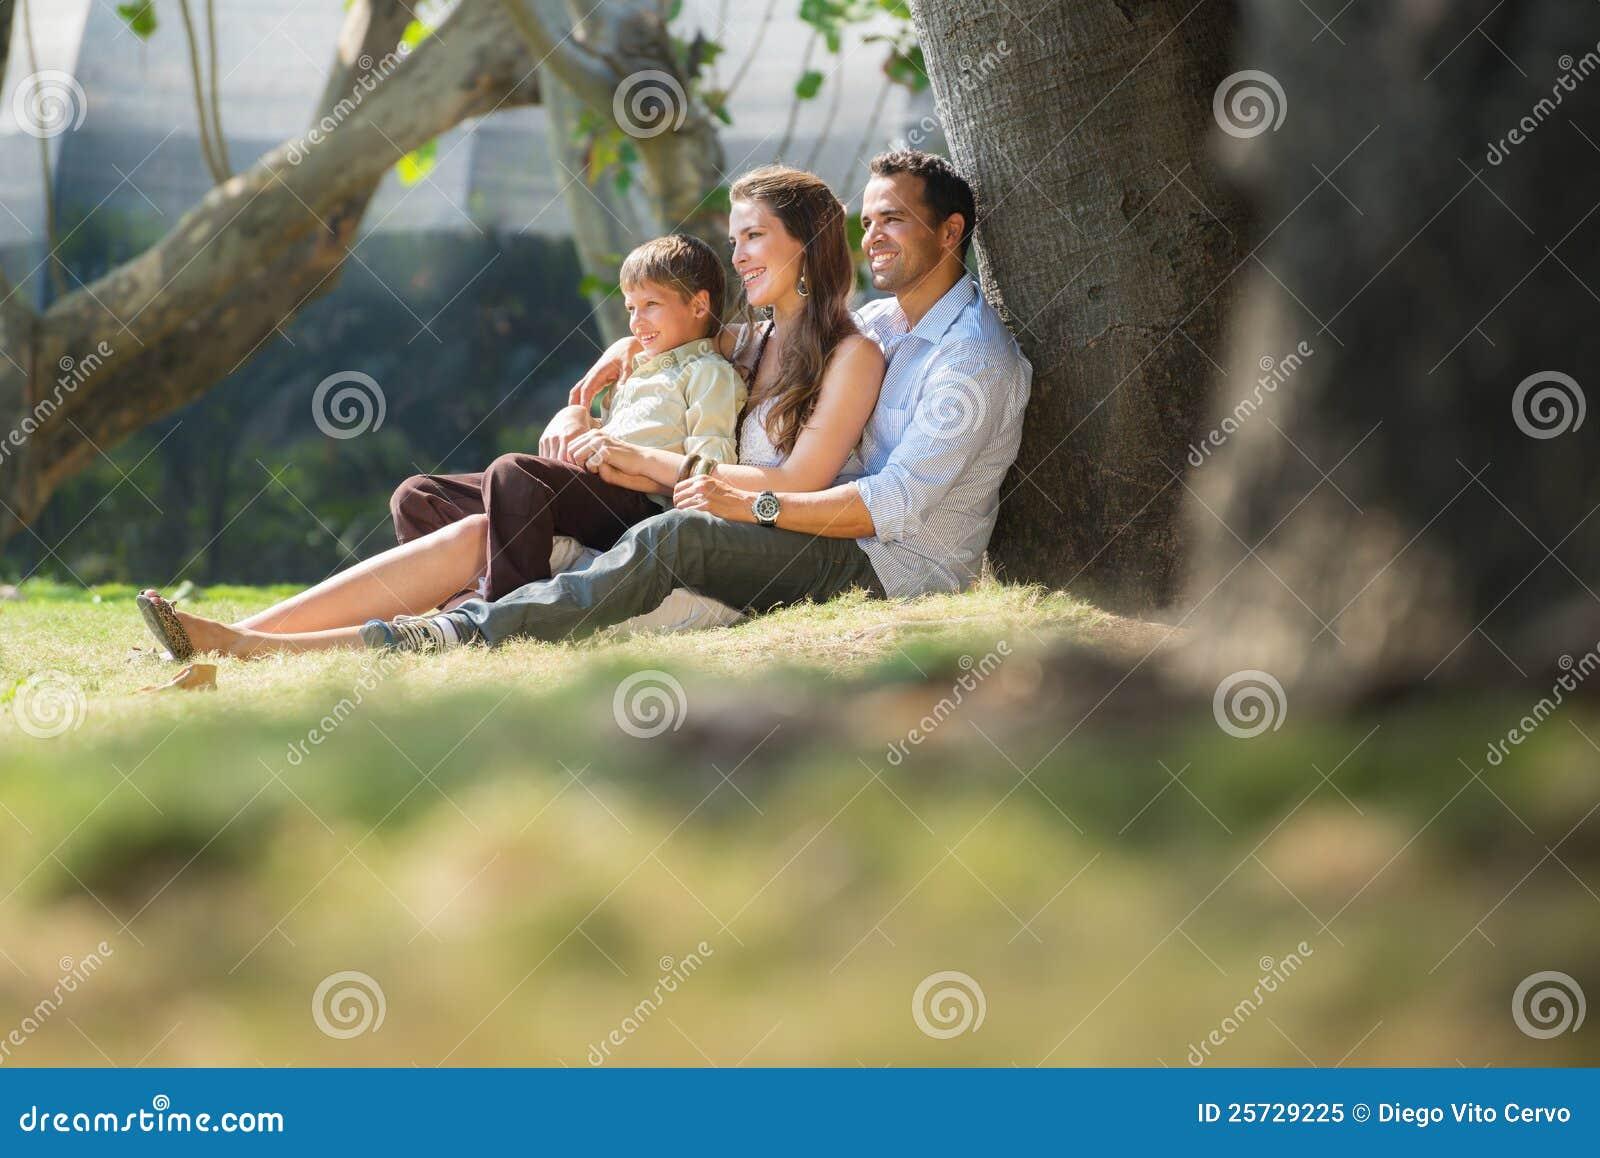 Glückliche Familie in der Stadt arbeitet entspannend im Garten